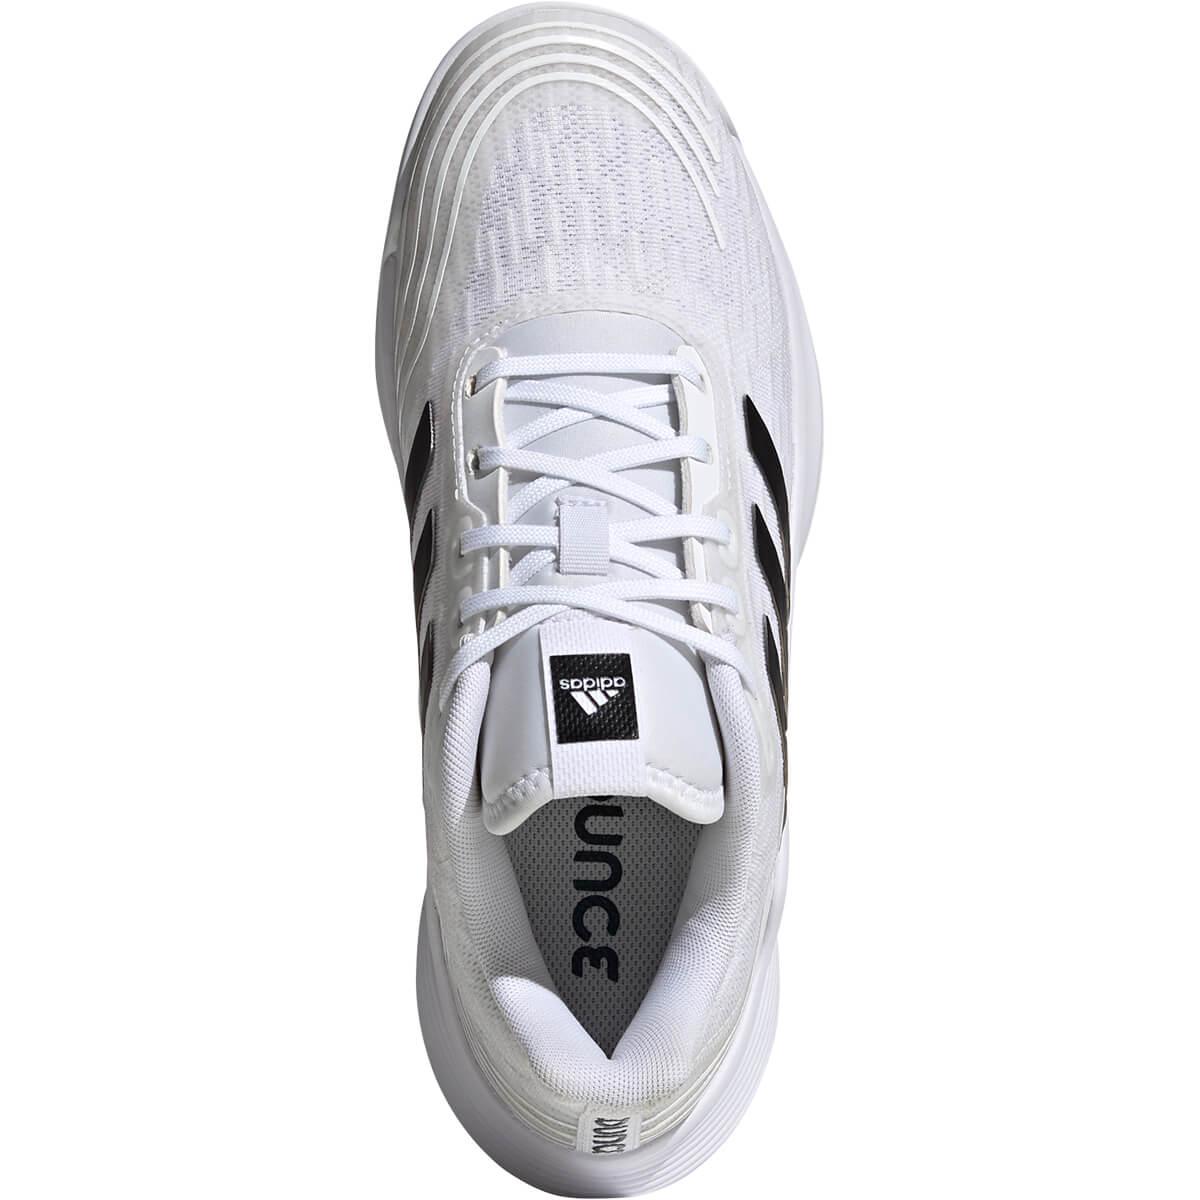 adidas Novaflight Håndboldsko